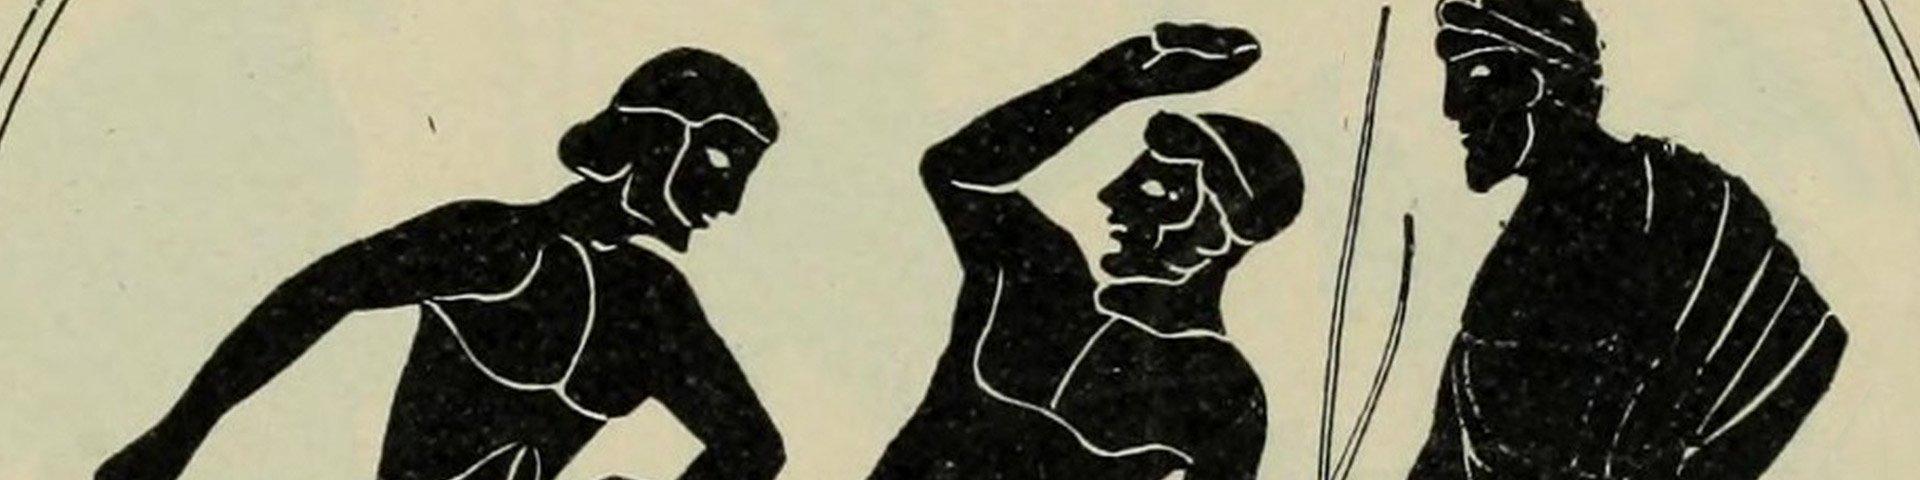 Los Juegos Olímpicos en la Grecia antigua